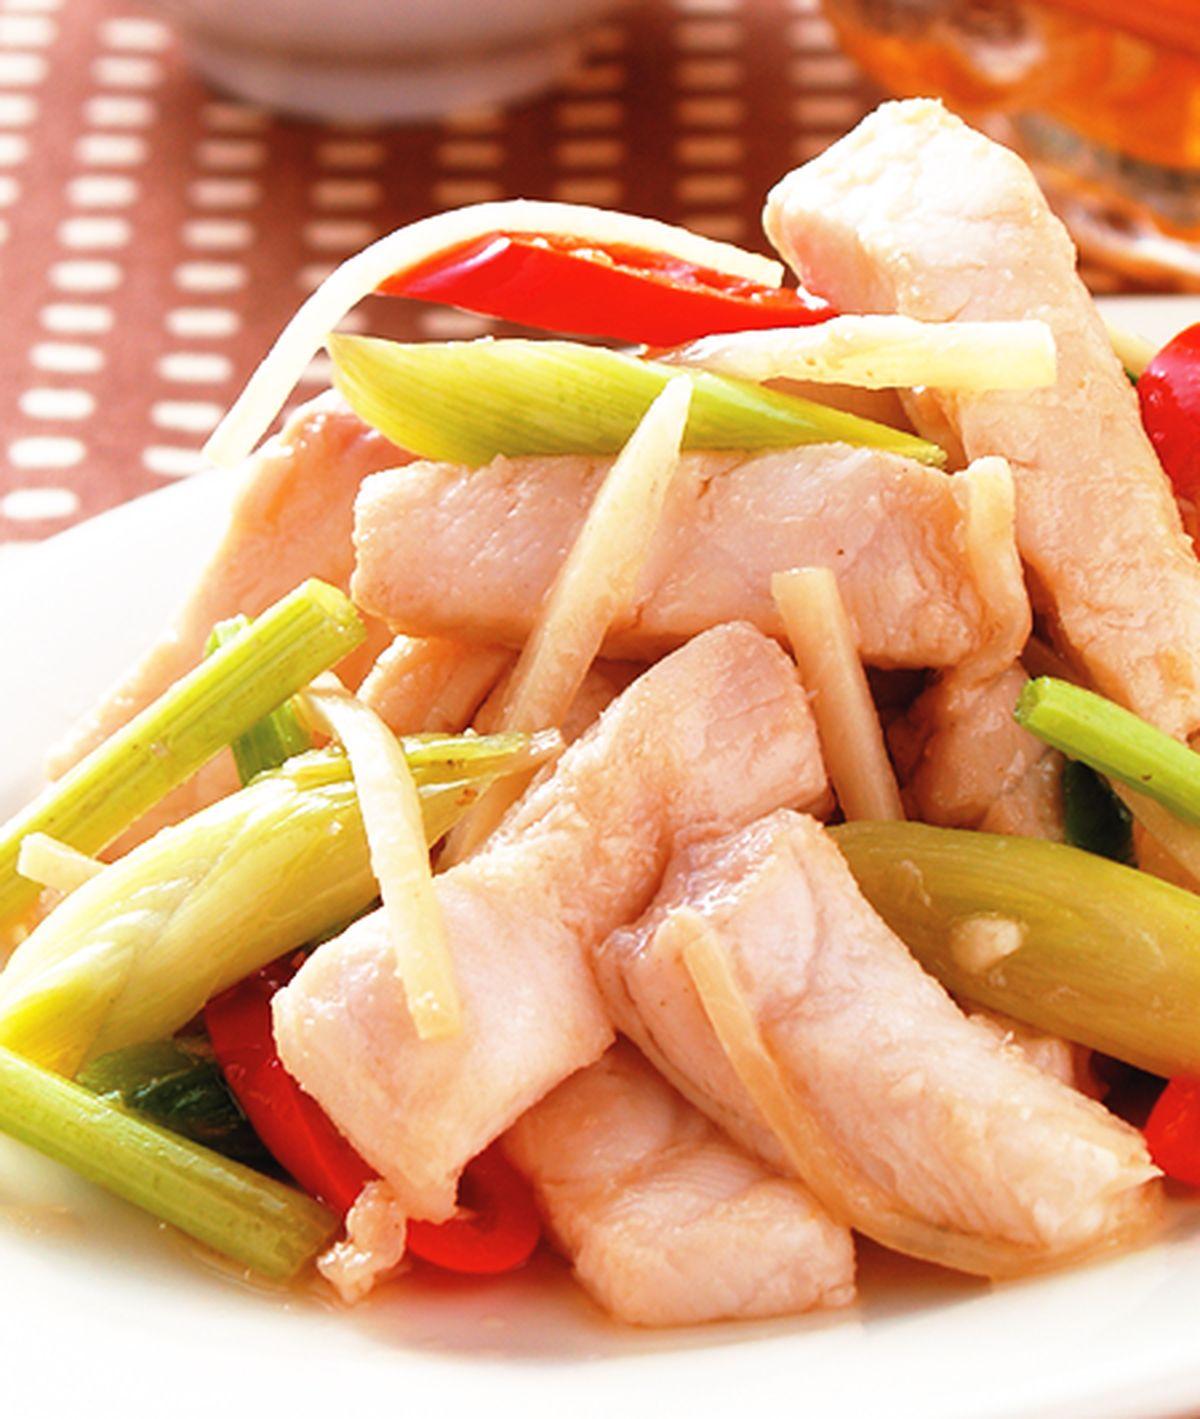 食譜:蒜苗炒鯊魚(1)